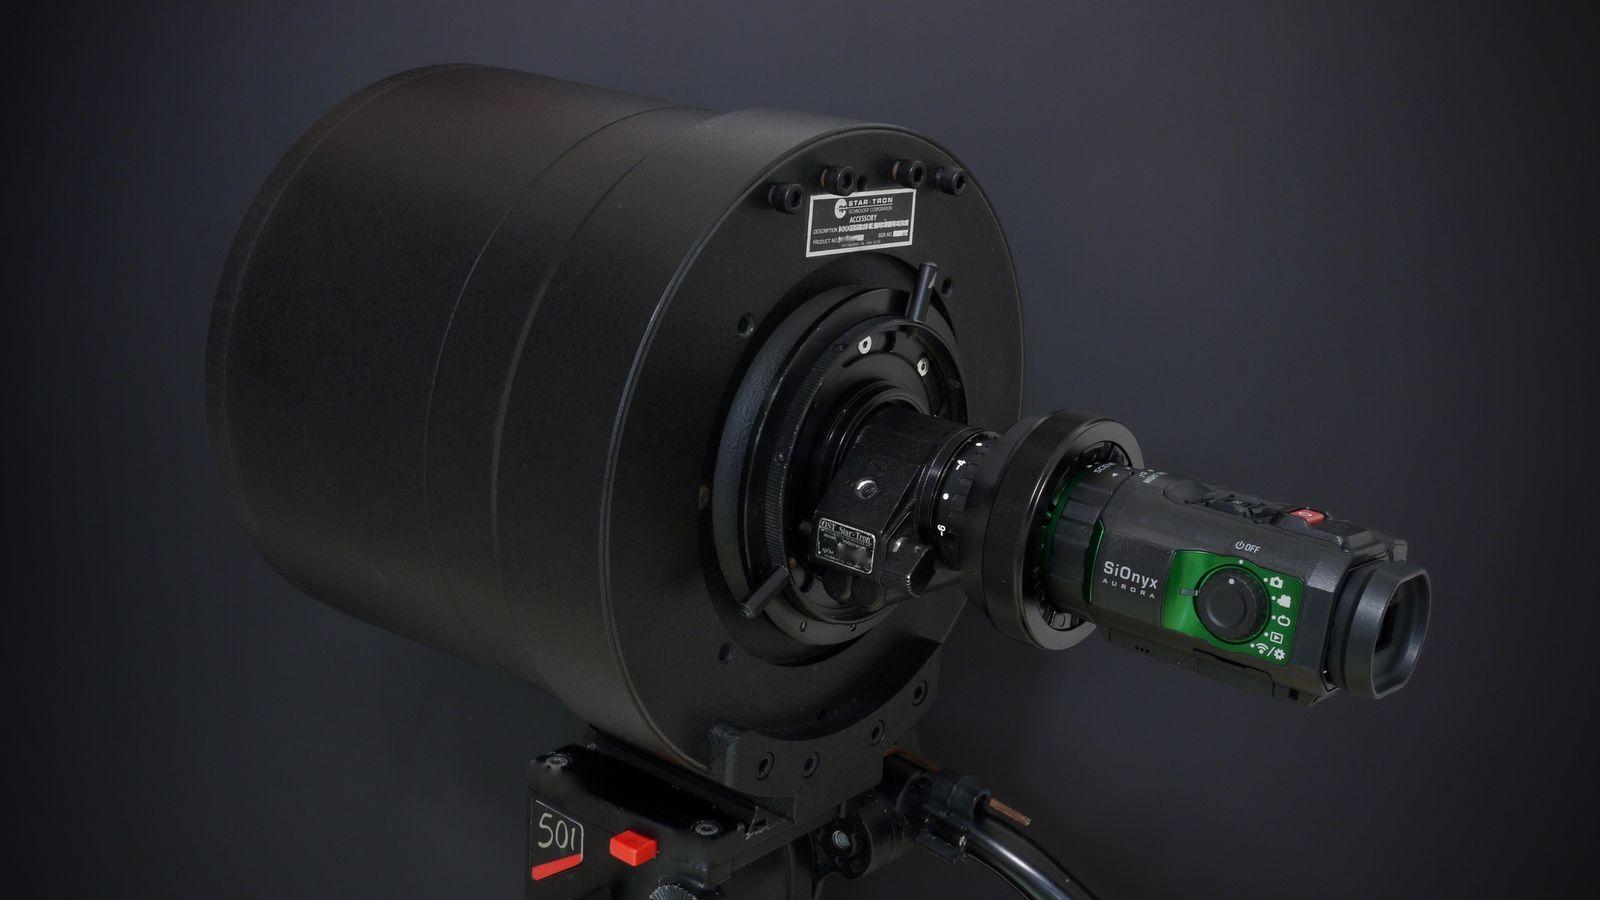 SiOnyx Aurora Star-Tron LR300